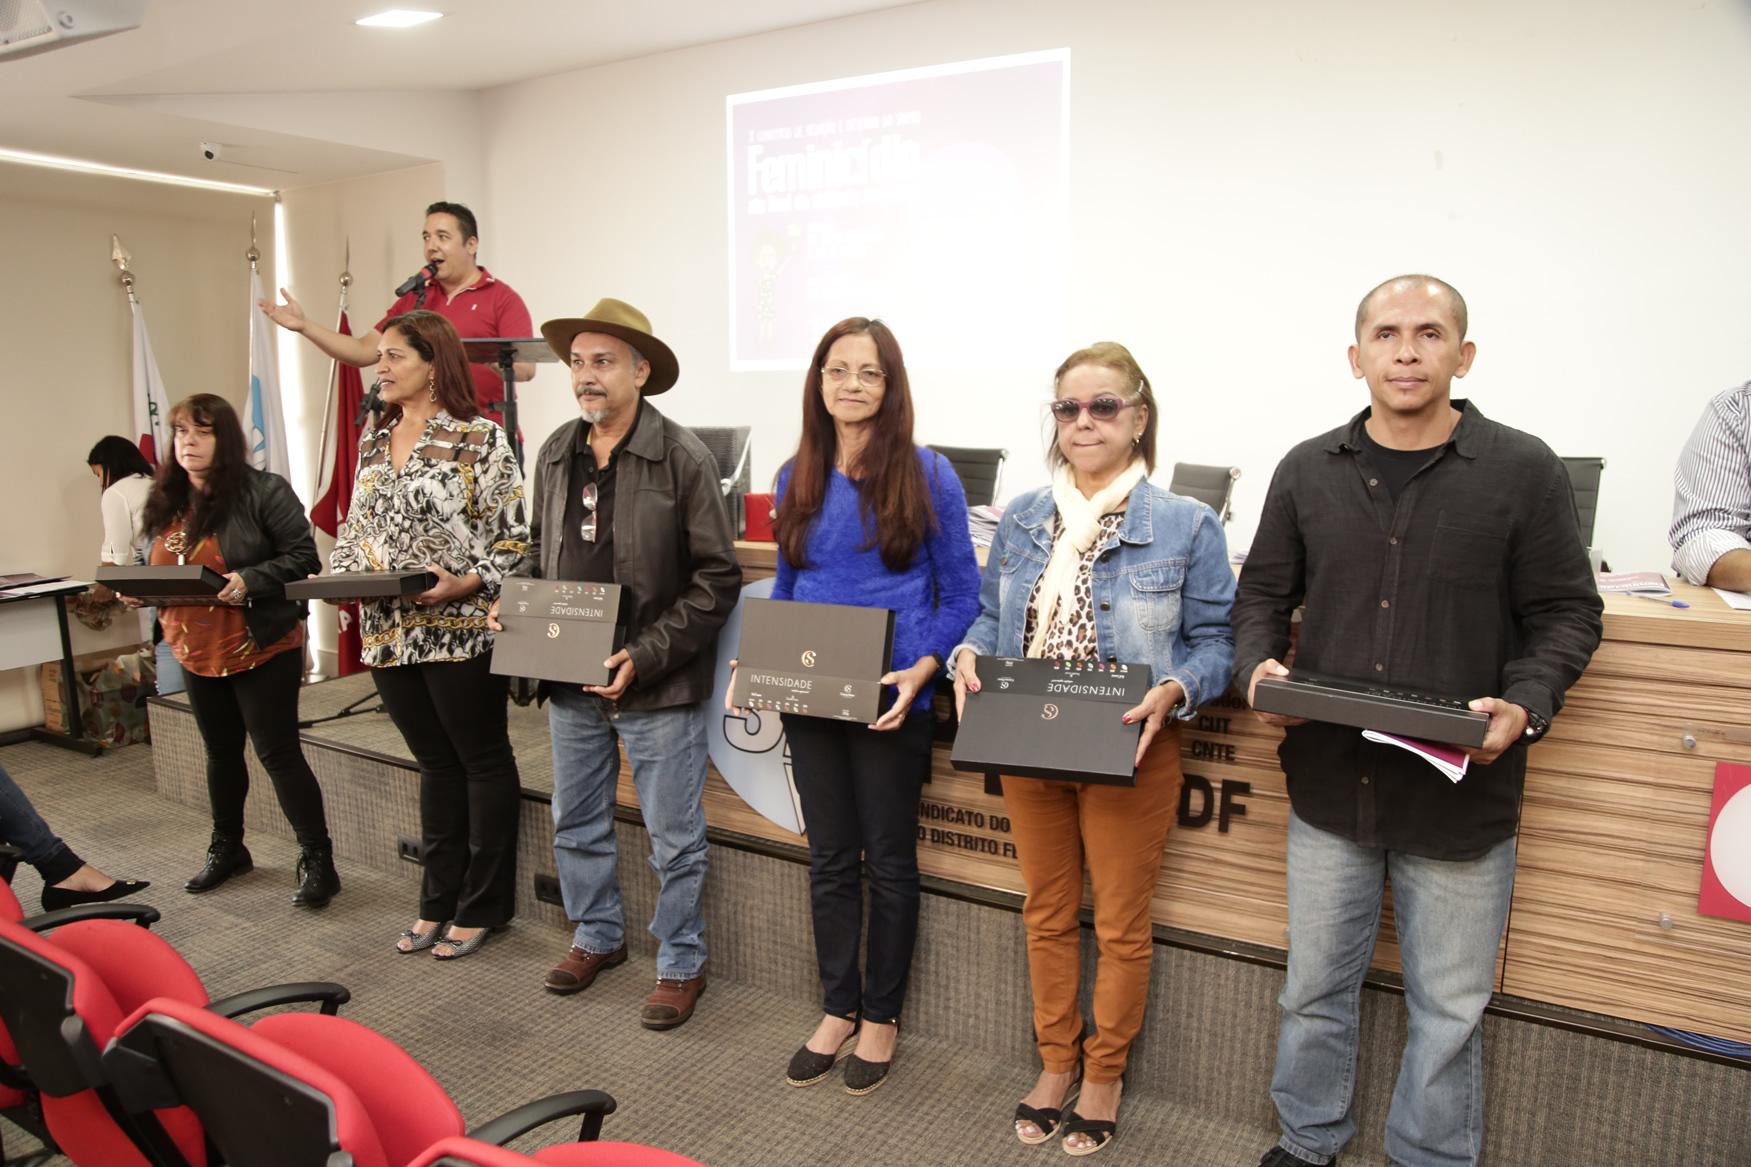 2019.05.19-Premiacao-do-X-Concurso-de-Redacao-do-Sinpro-DF_fotos-ECOM-151